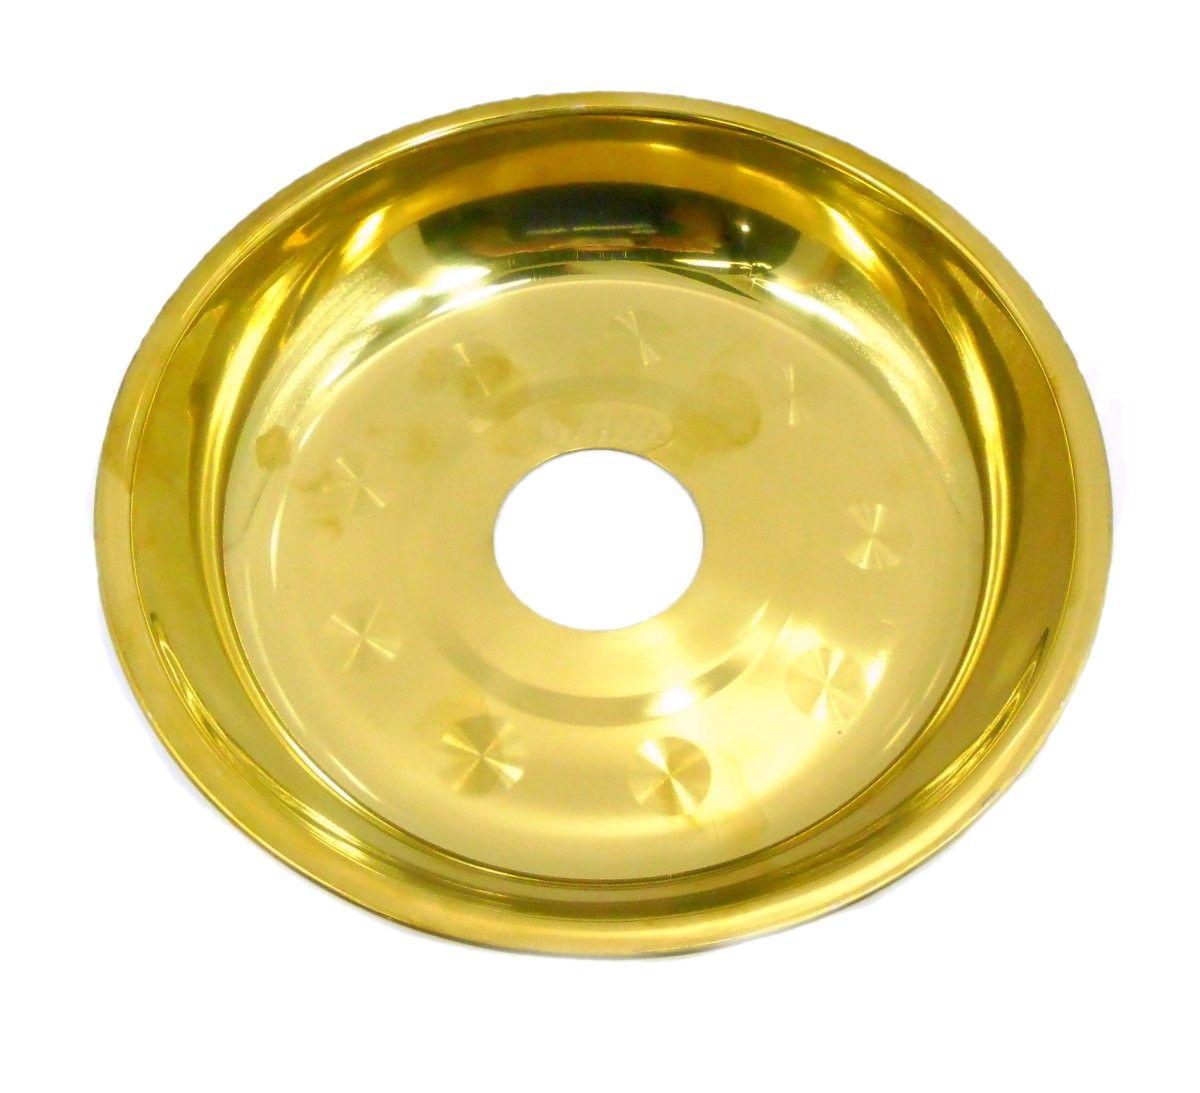 Prato para narguile Yahya P8 egípcio, em latão, 18cm de diâmetro, furo 4,4cm. Grande e fundo. Dourado